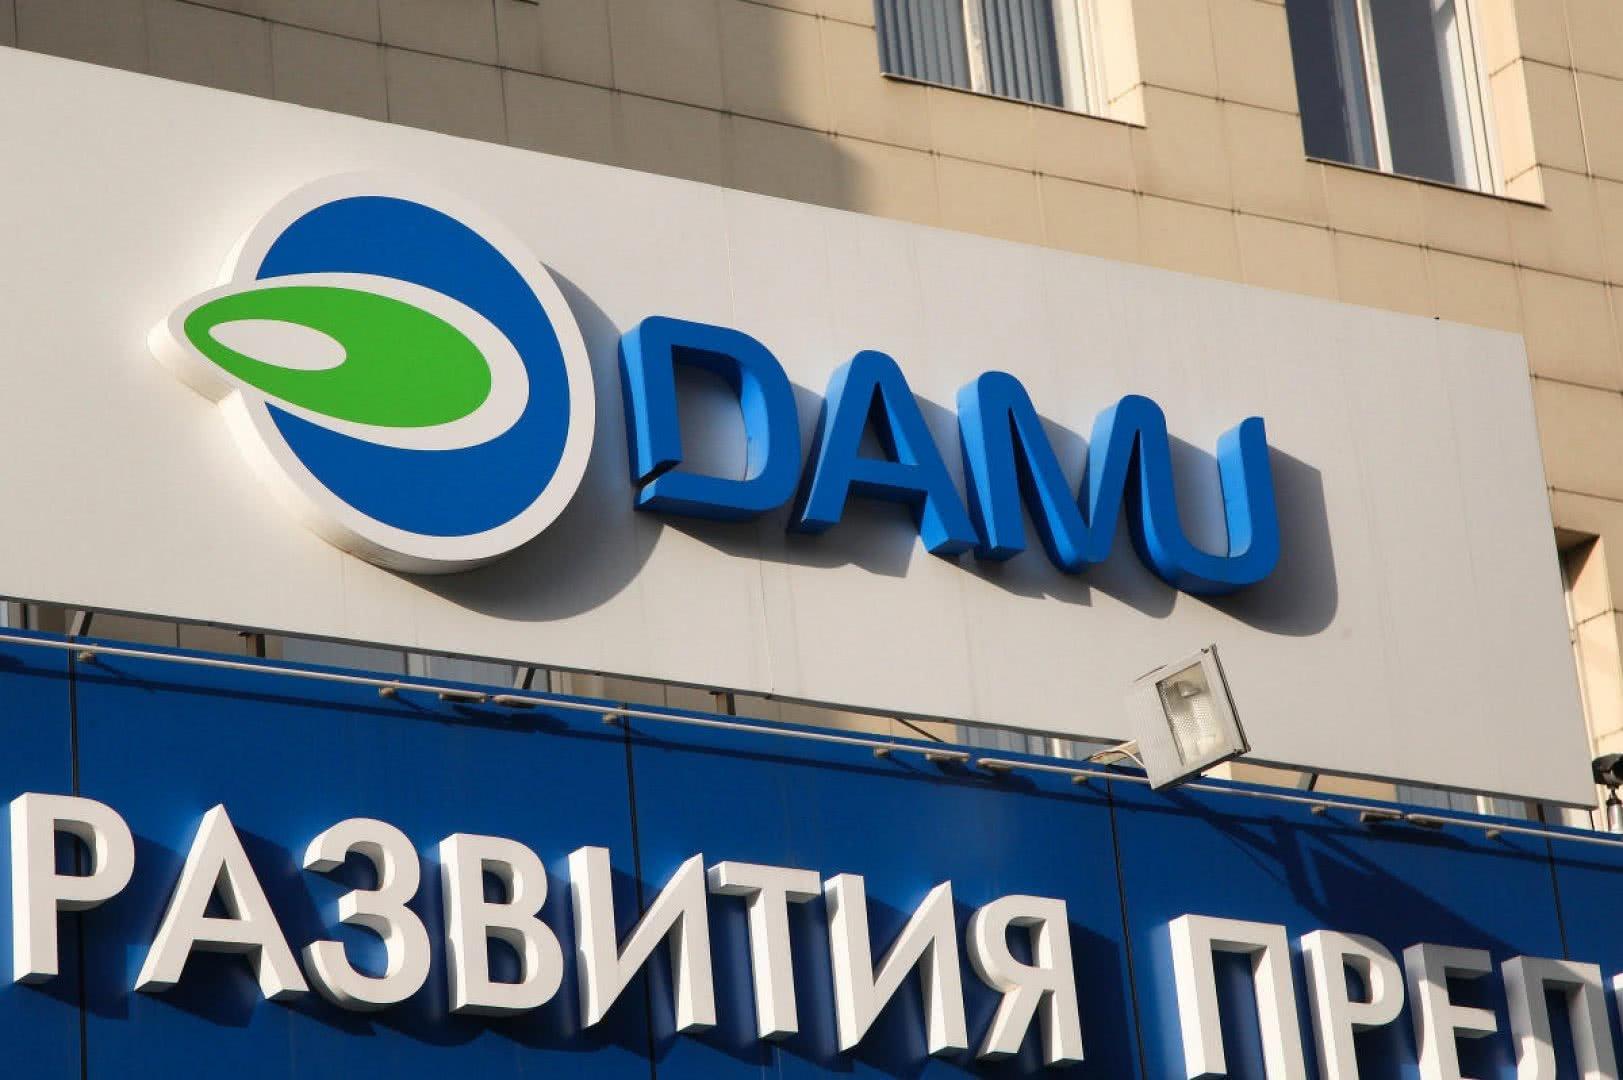 Фонд развития предпринимательства в Казахстане